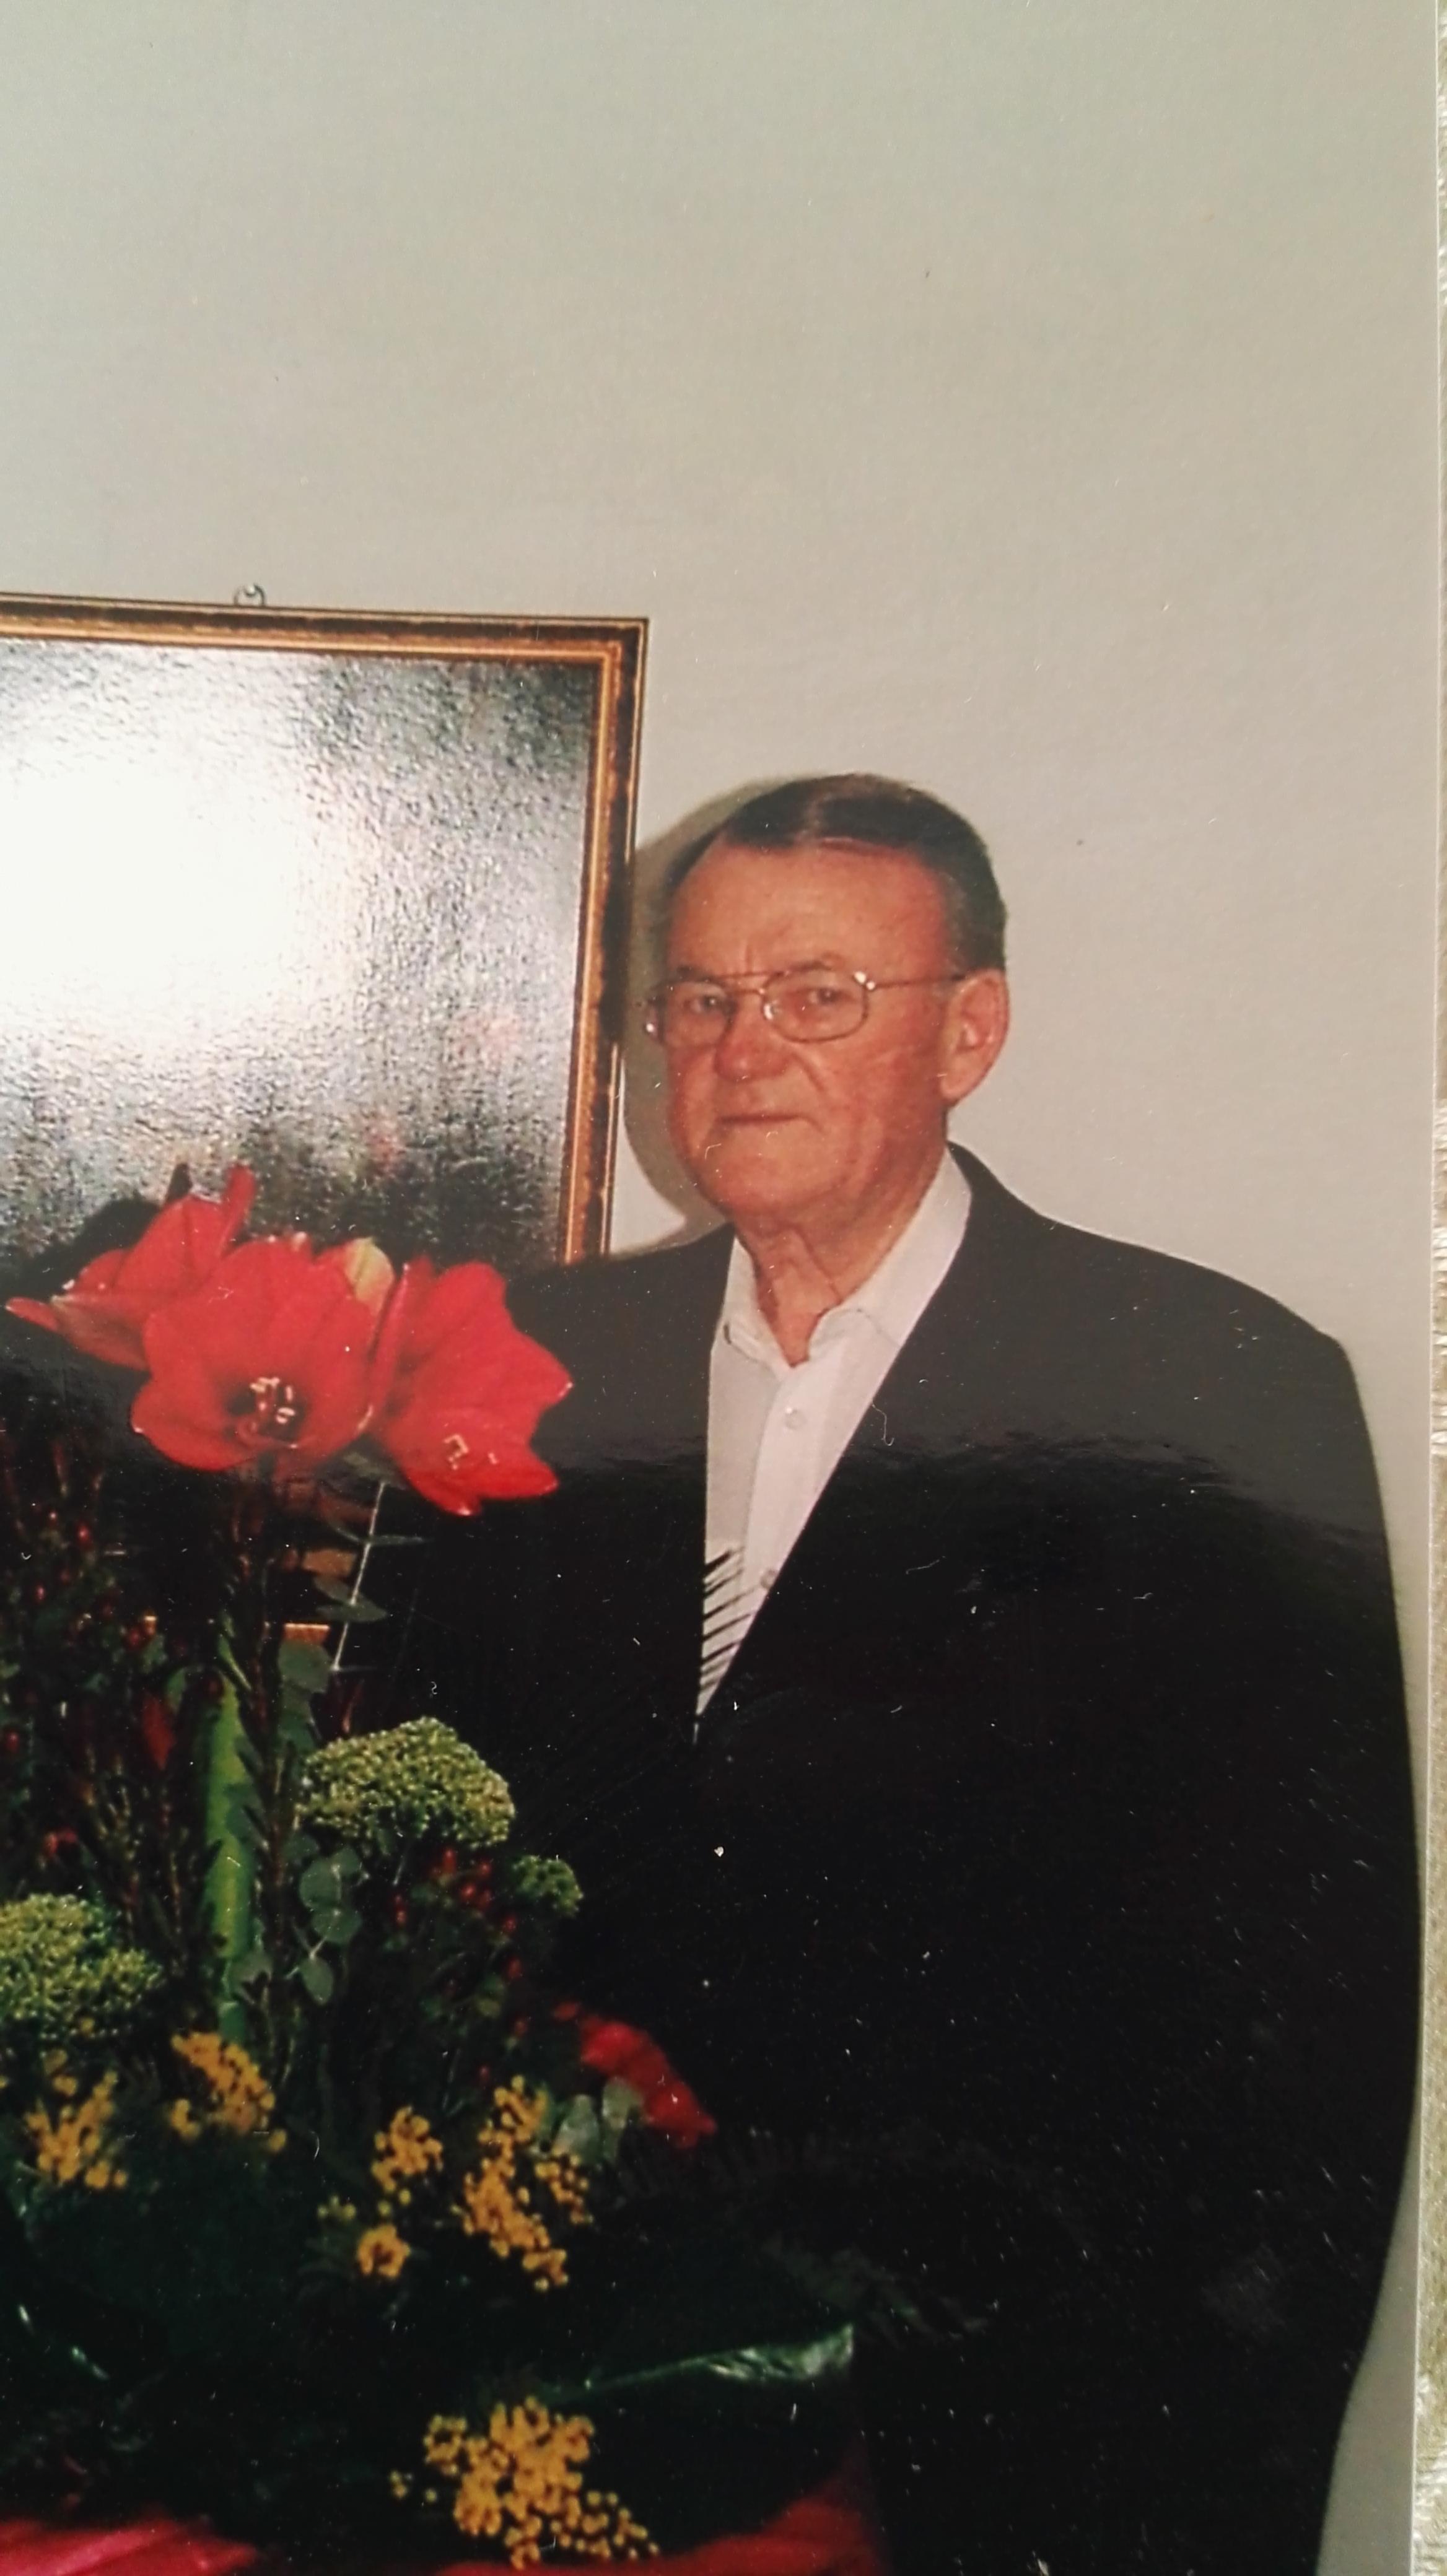 Hudák Zsigmond 84. születésnapján az otthonában